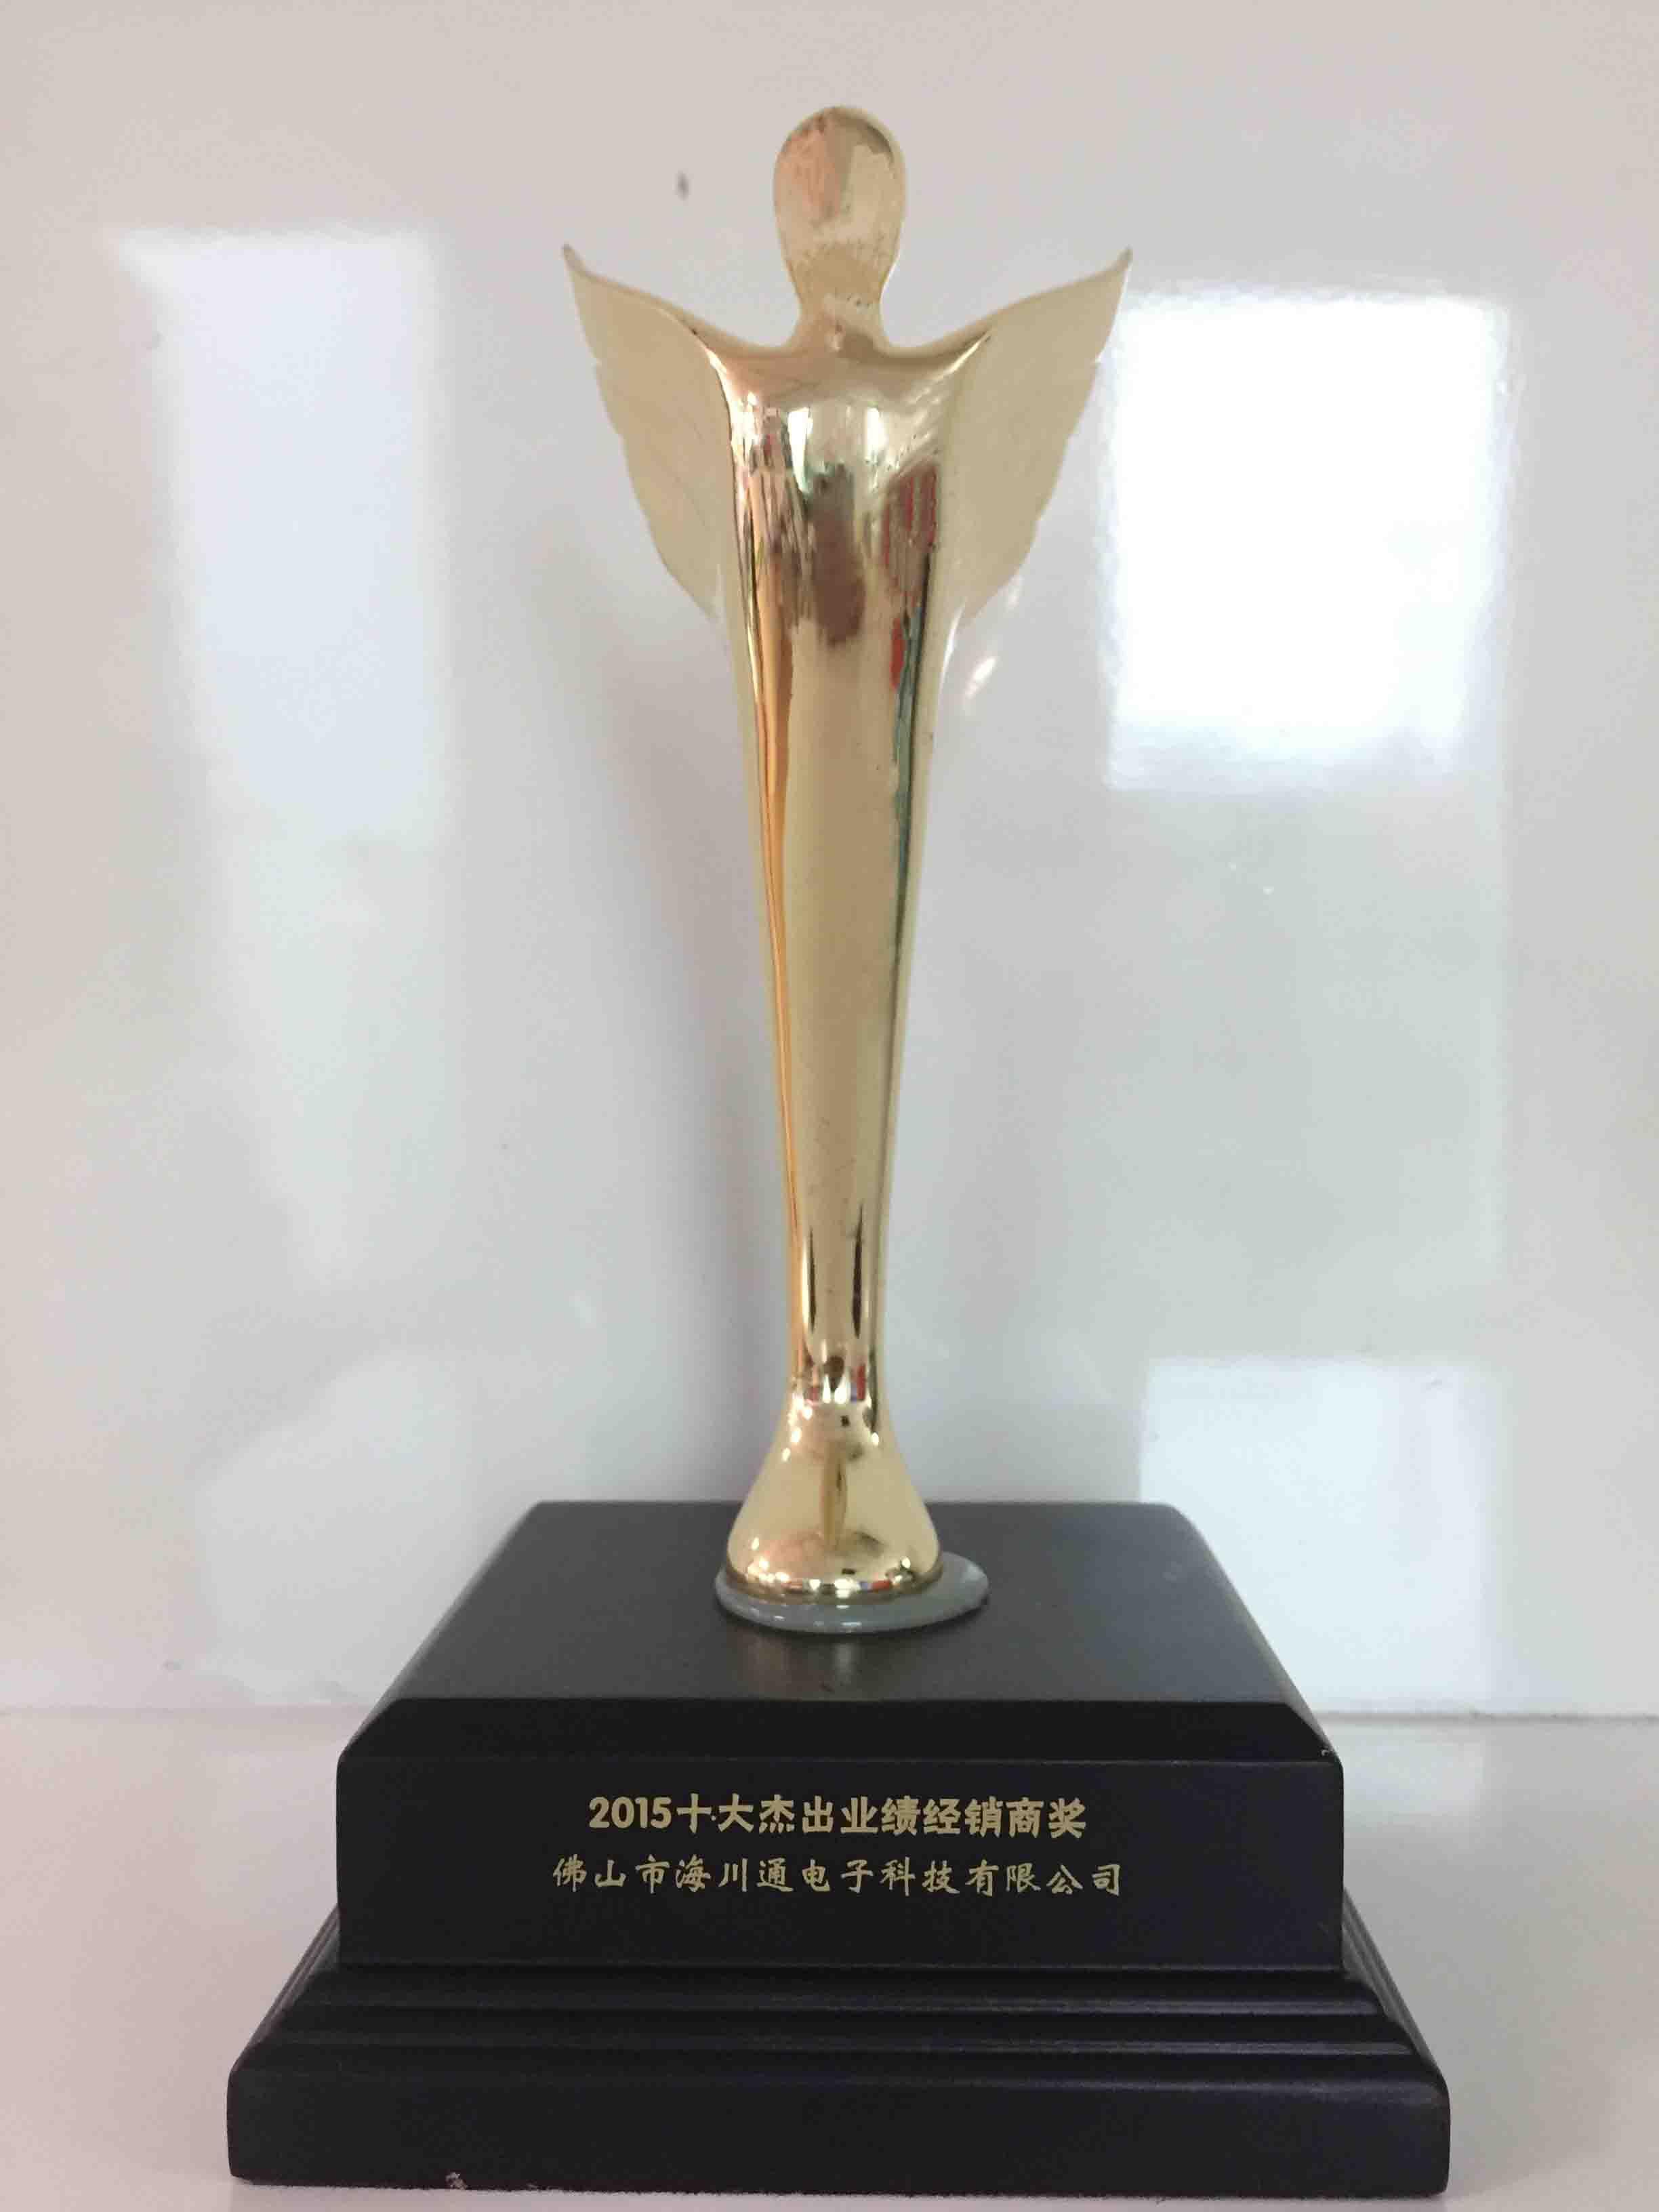 2015十大业绩经销商奖